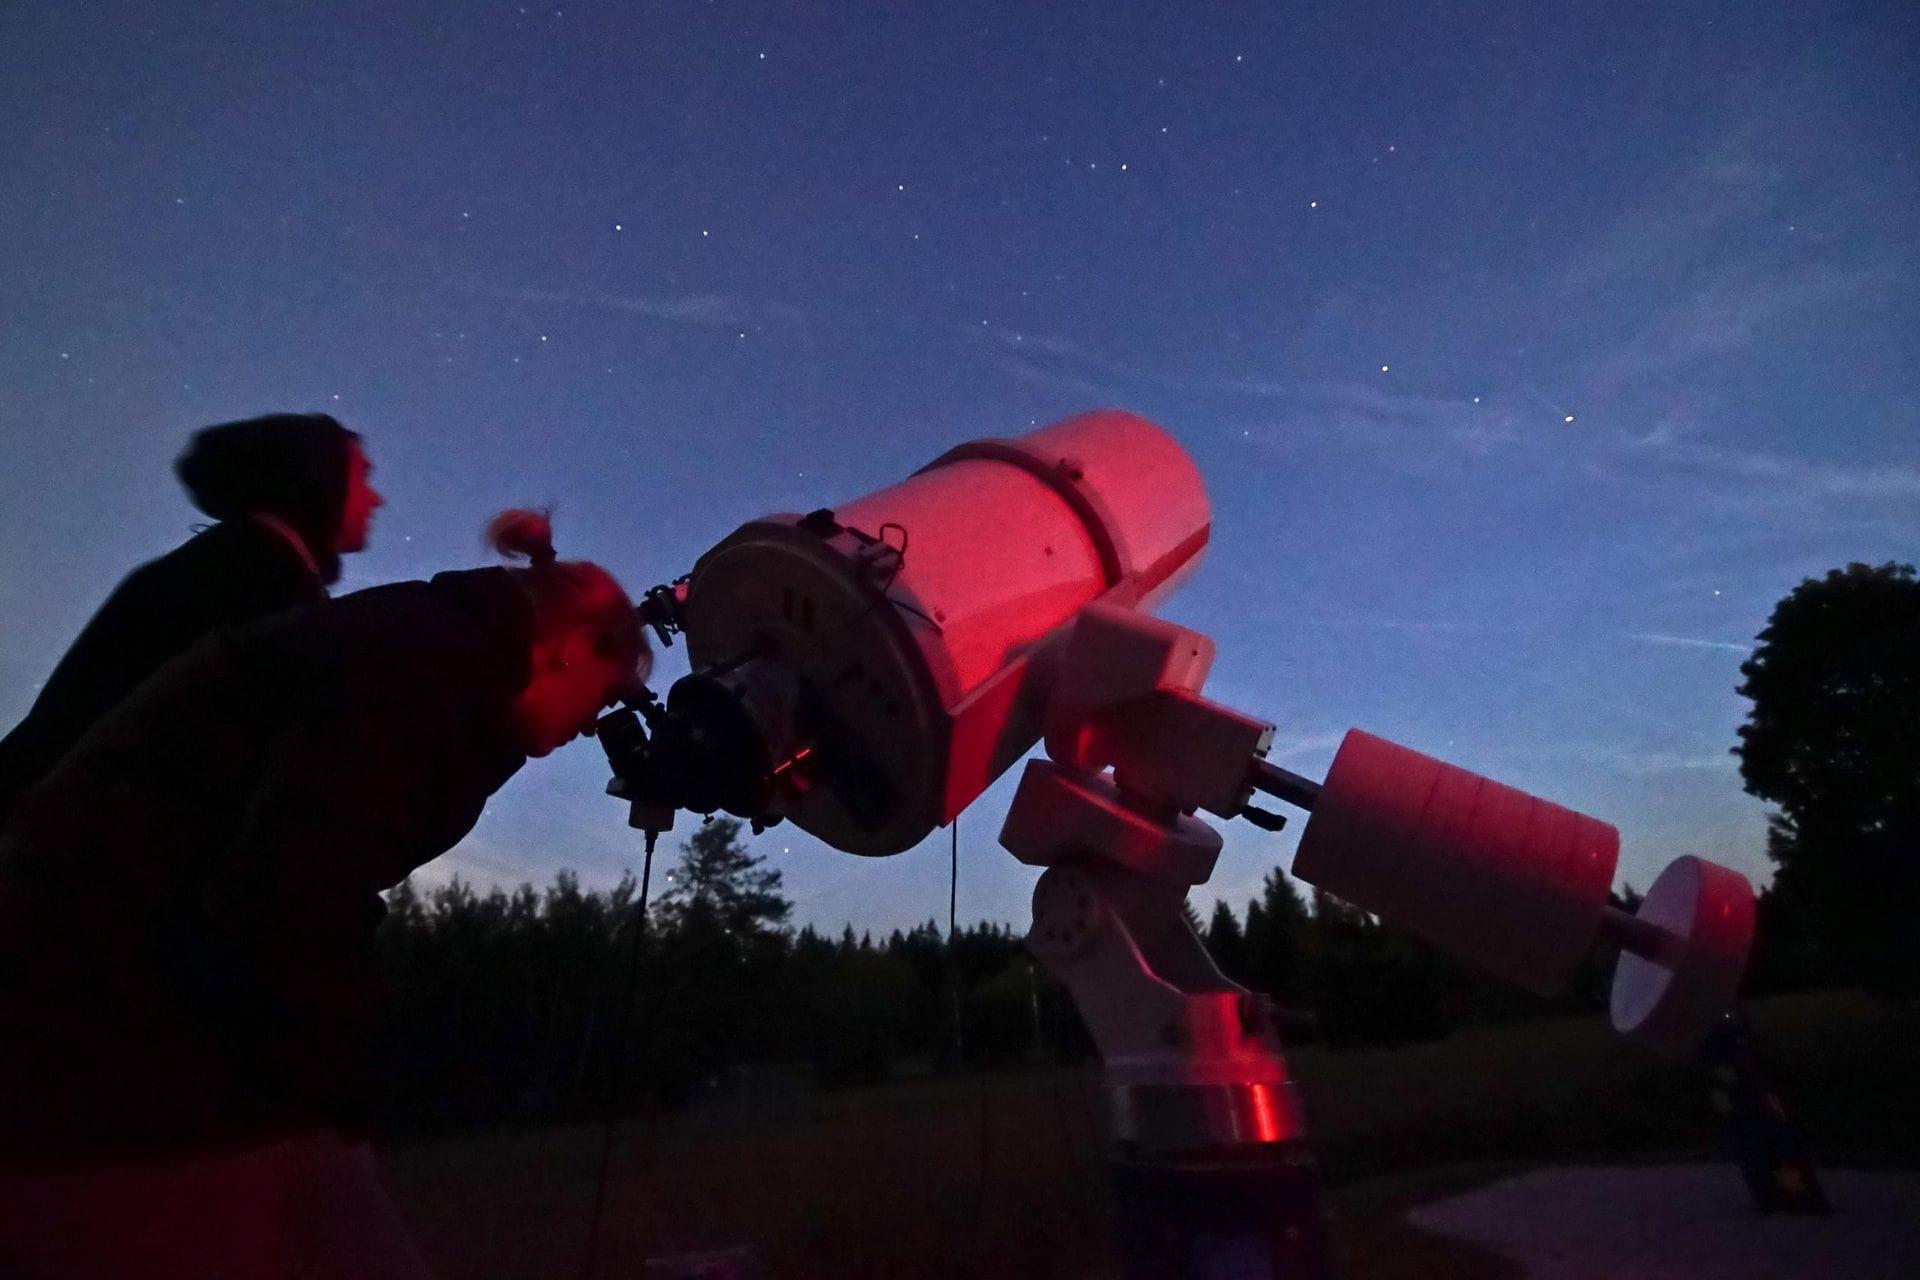 Feuerkugel über Deutschland gesichtet Astronomie